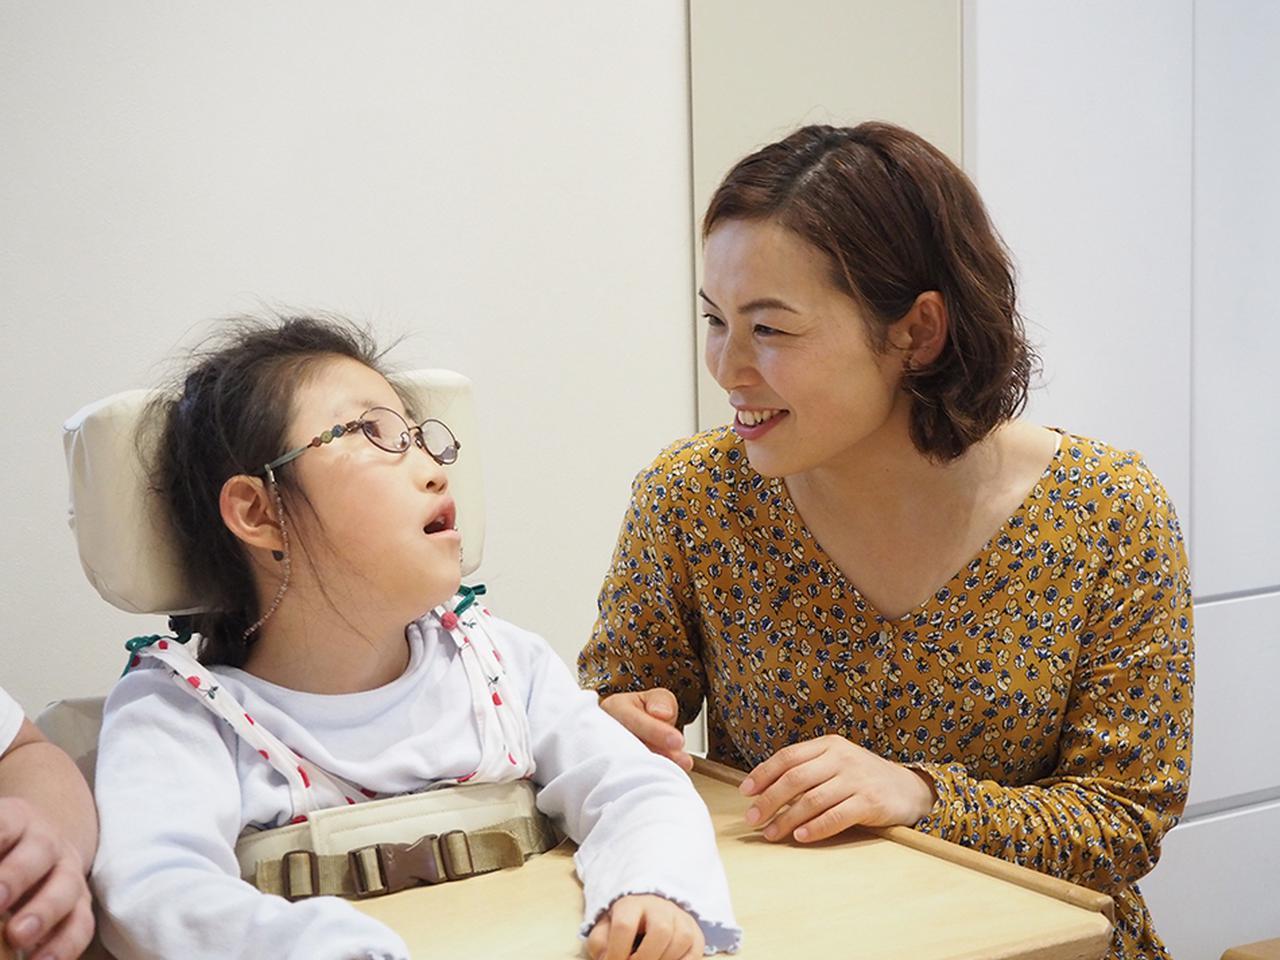 画像: 多くの体験を通じ、子どもの人生の幅や可能性を広げてあげたいという想いが起点に